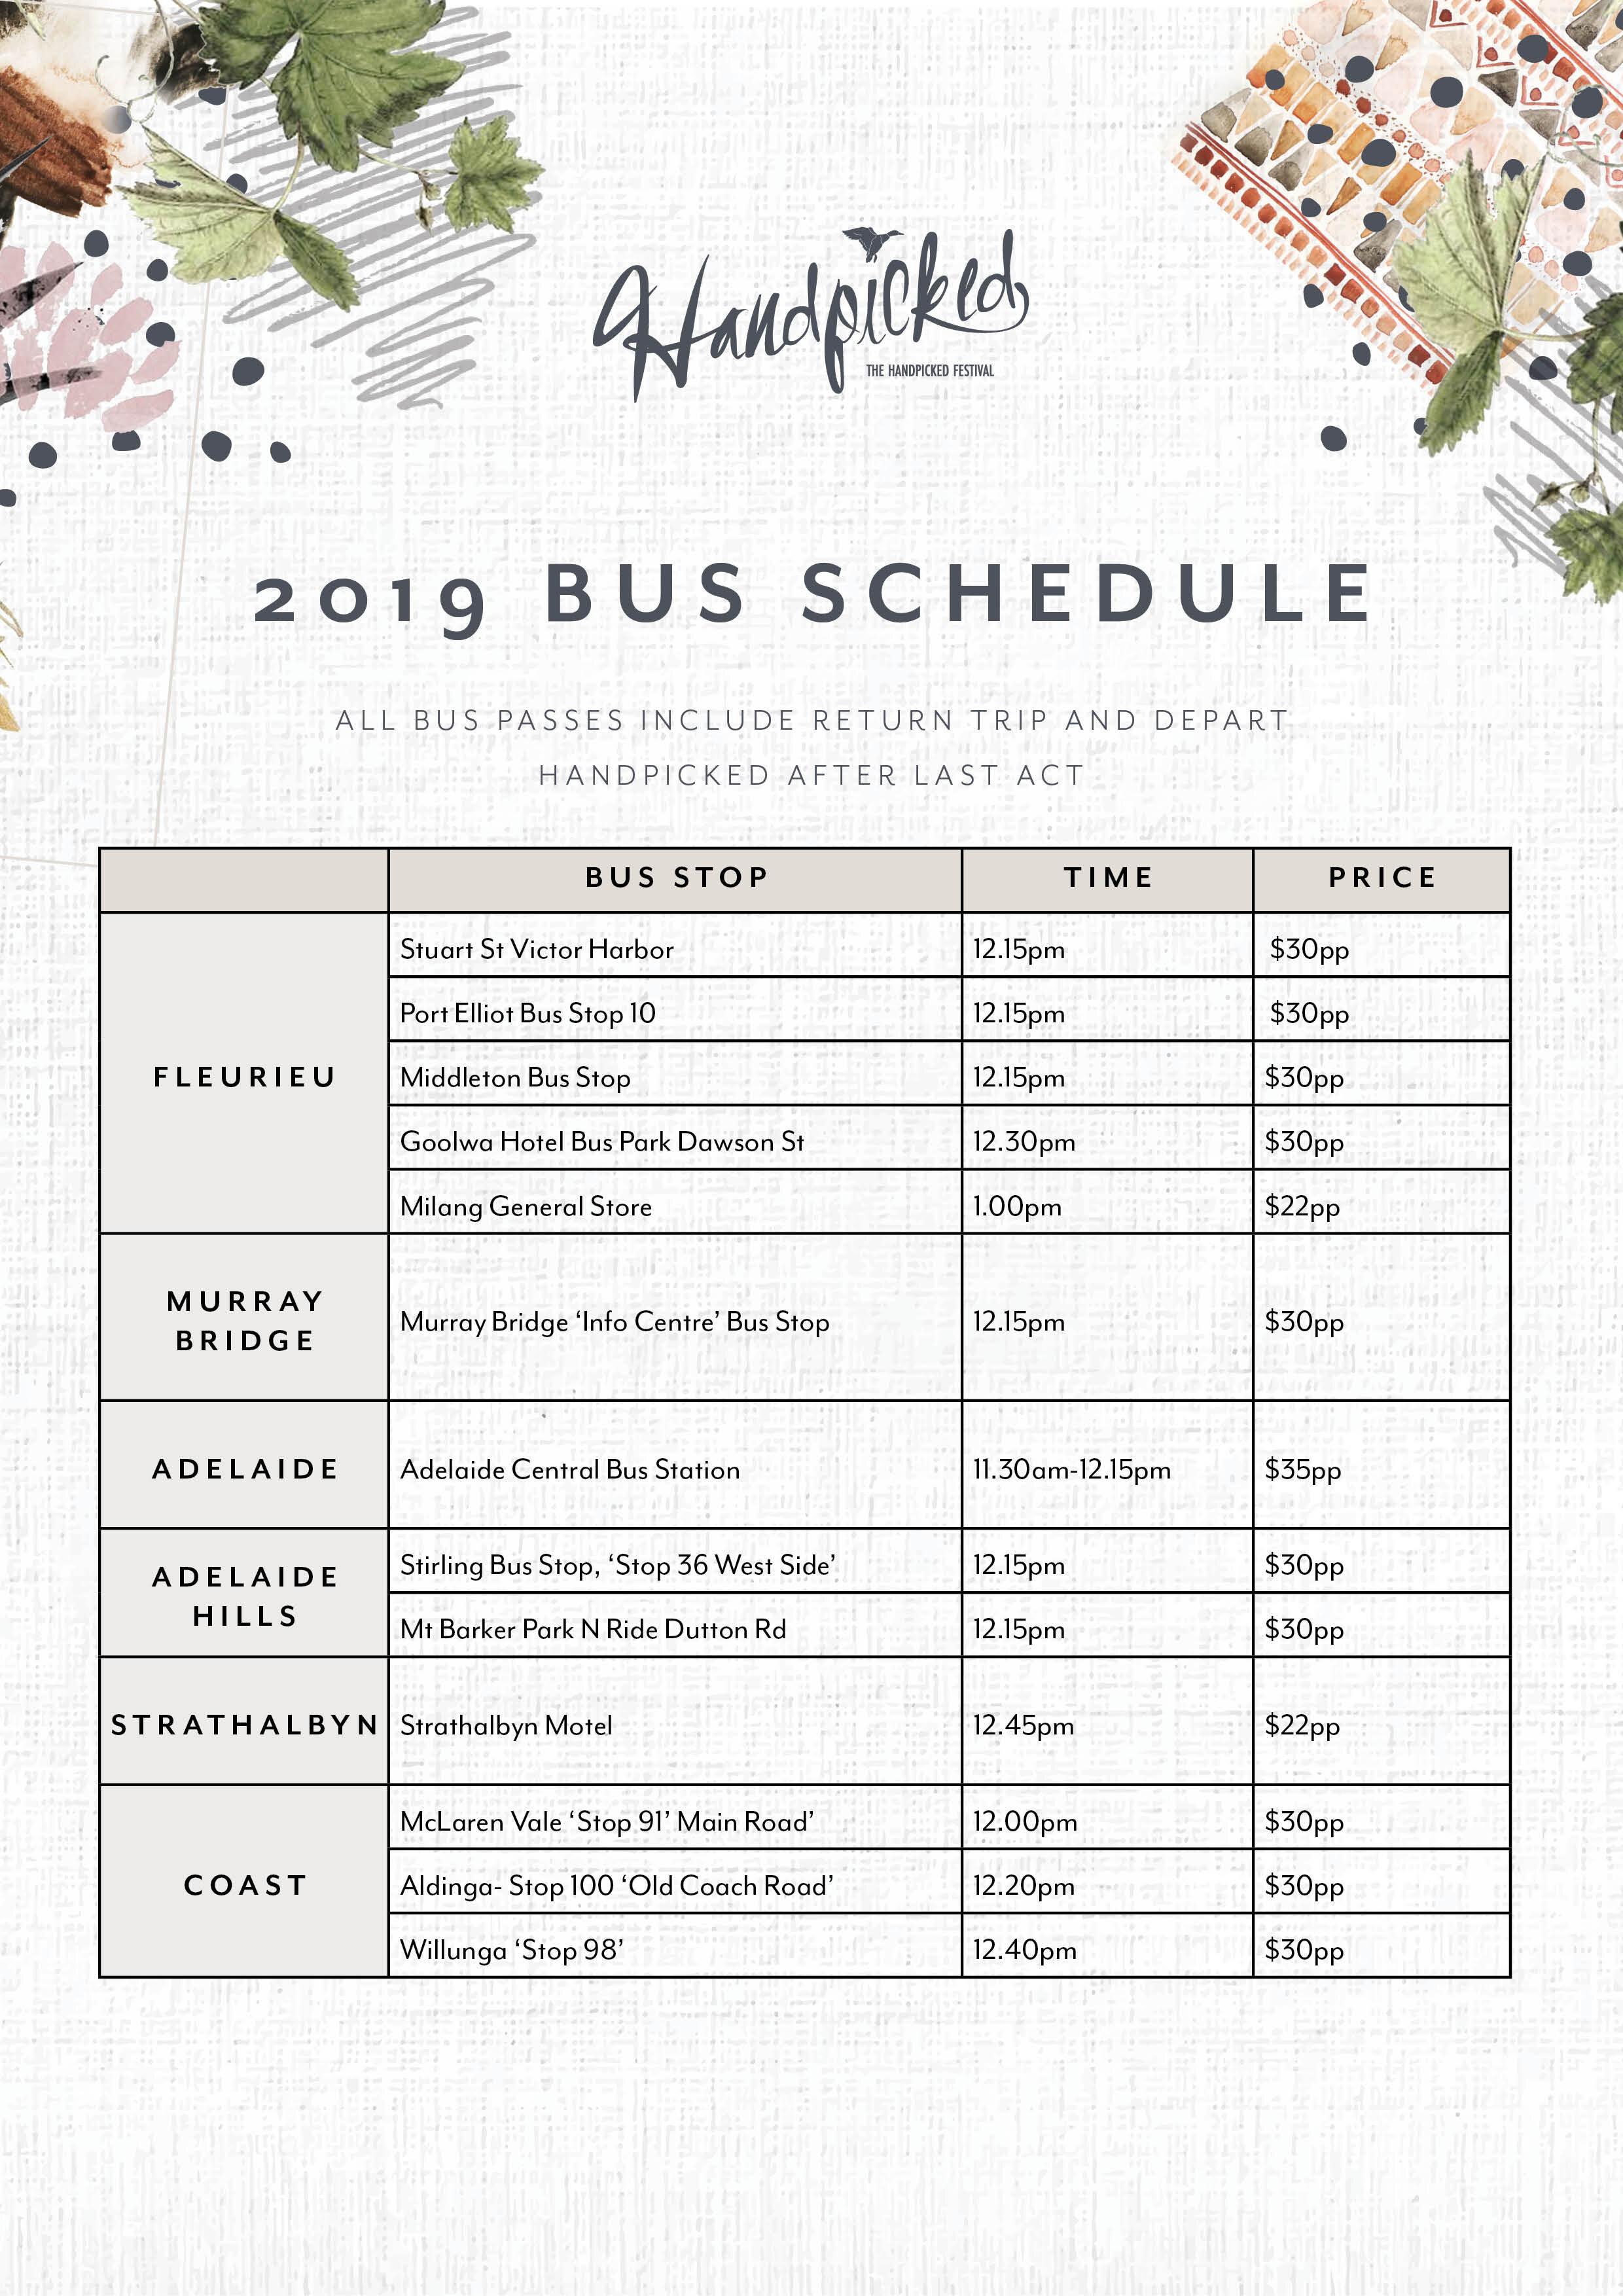 Handpicked Bus Schedule 2019a.jpg